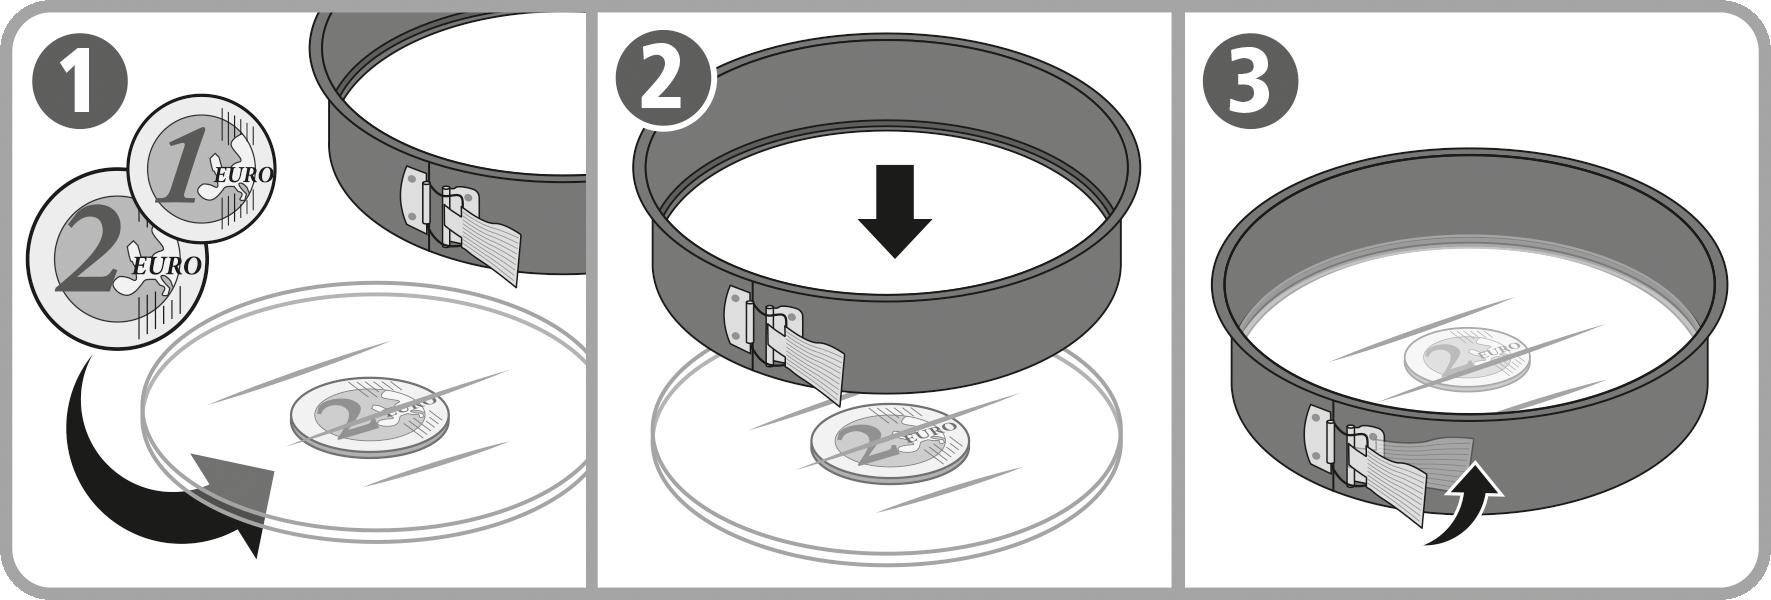 Tipp: Zum perfekten Einlegen des Bodens in den Springformrand legen Sie eine Münze unter den Glasboden.